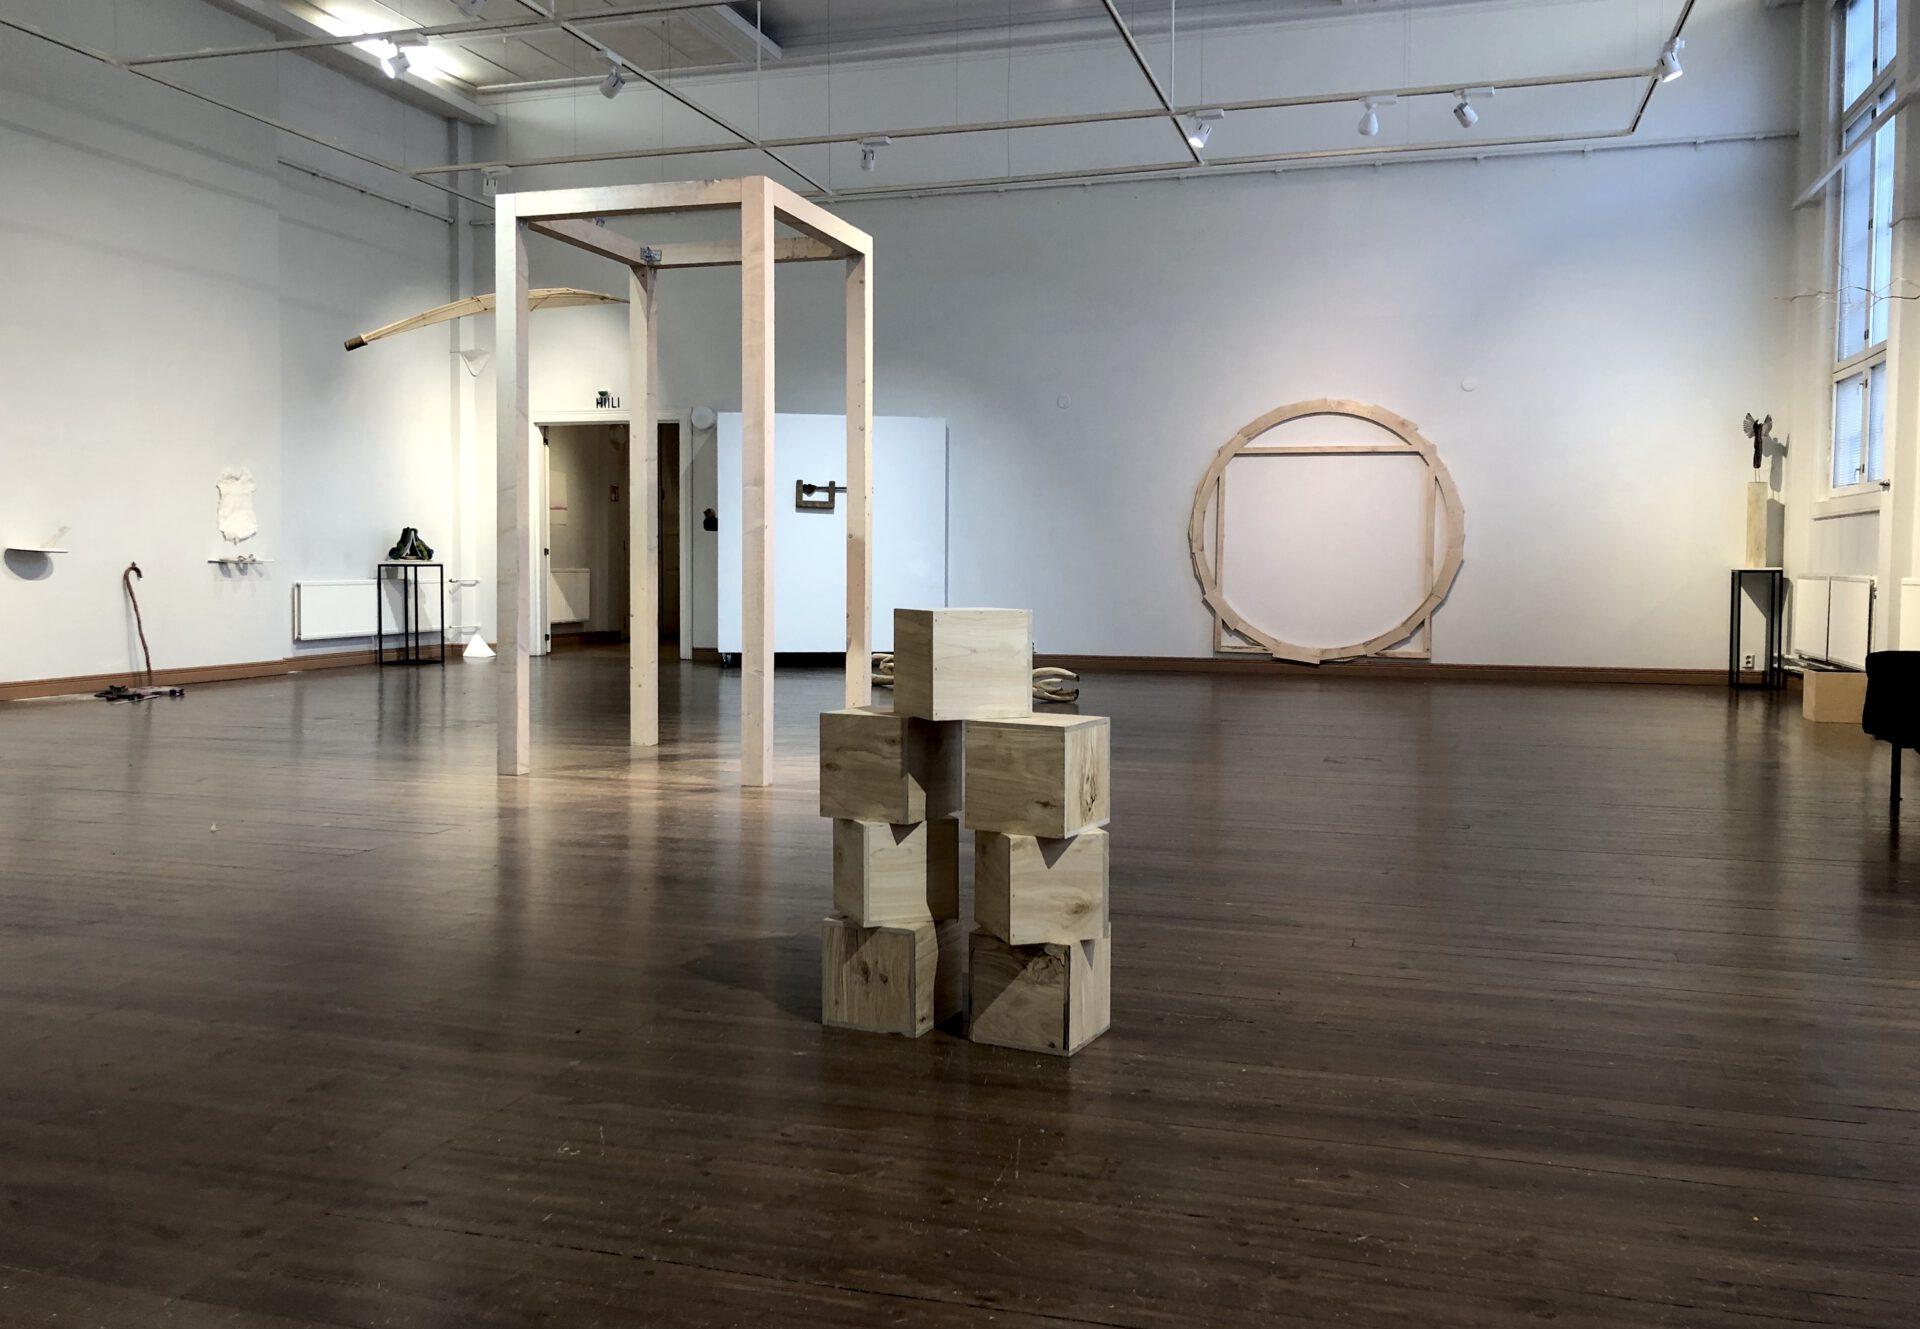 Kuvassa näkyy väljä galleriatila, teoksia ympäri huonetta